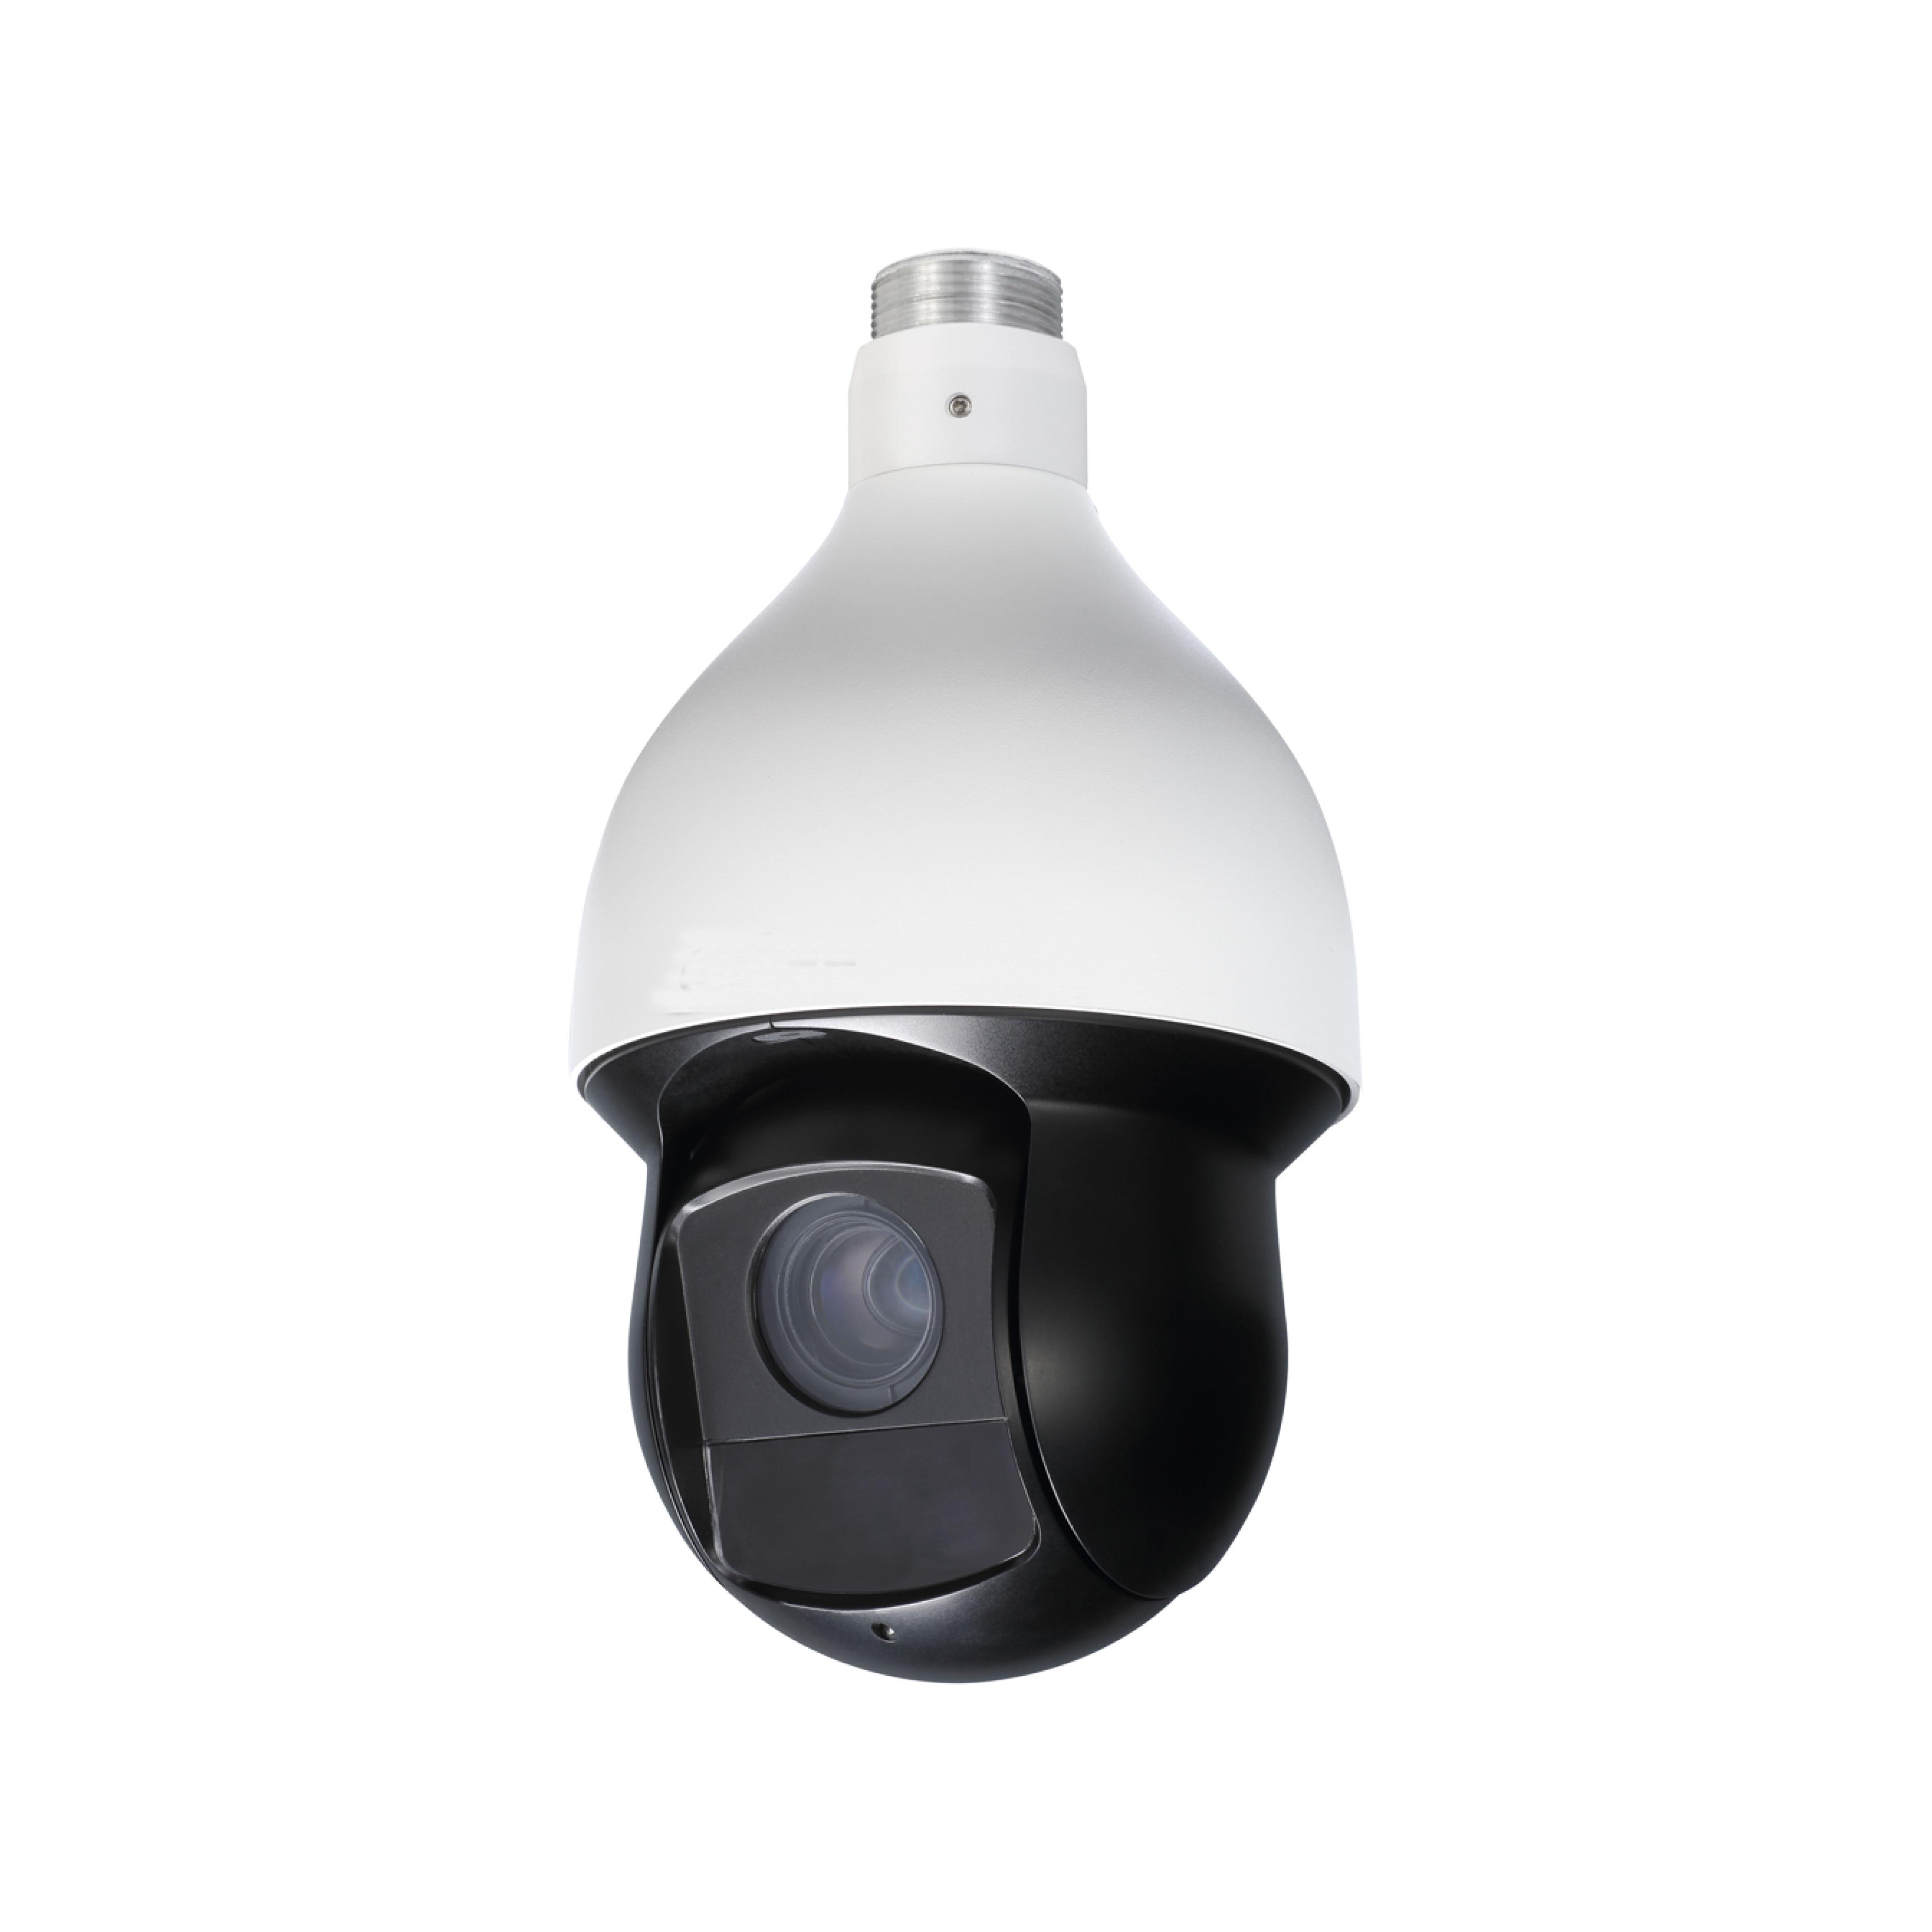 CCTV 2MP 25x Starlight IR PTZ IP Network Camera 4.8-120mm 150 m IR Luz Das Estrelas H.265 Codificação Auto -rastreamento PoE + SD59225U-HNI IVS